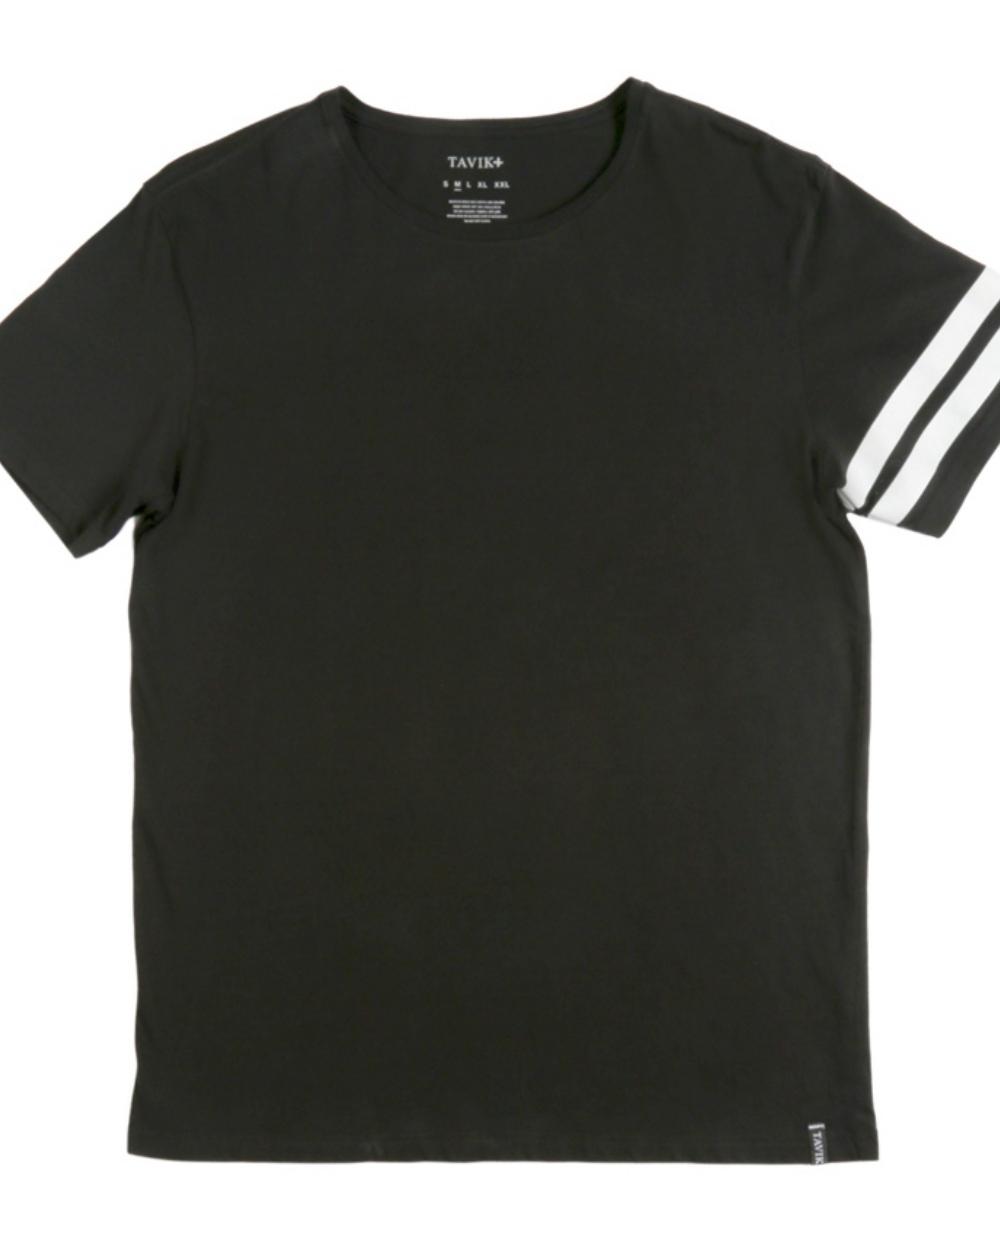 2015 Tavik Men's Black Select T-Shirt